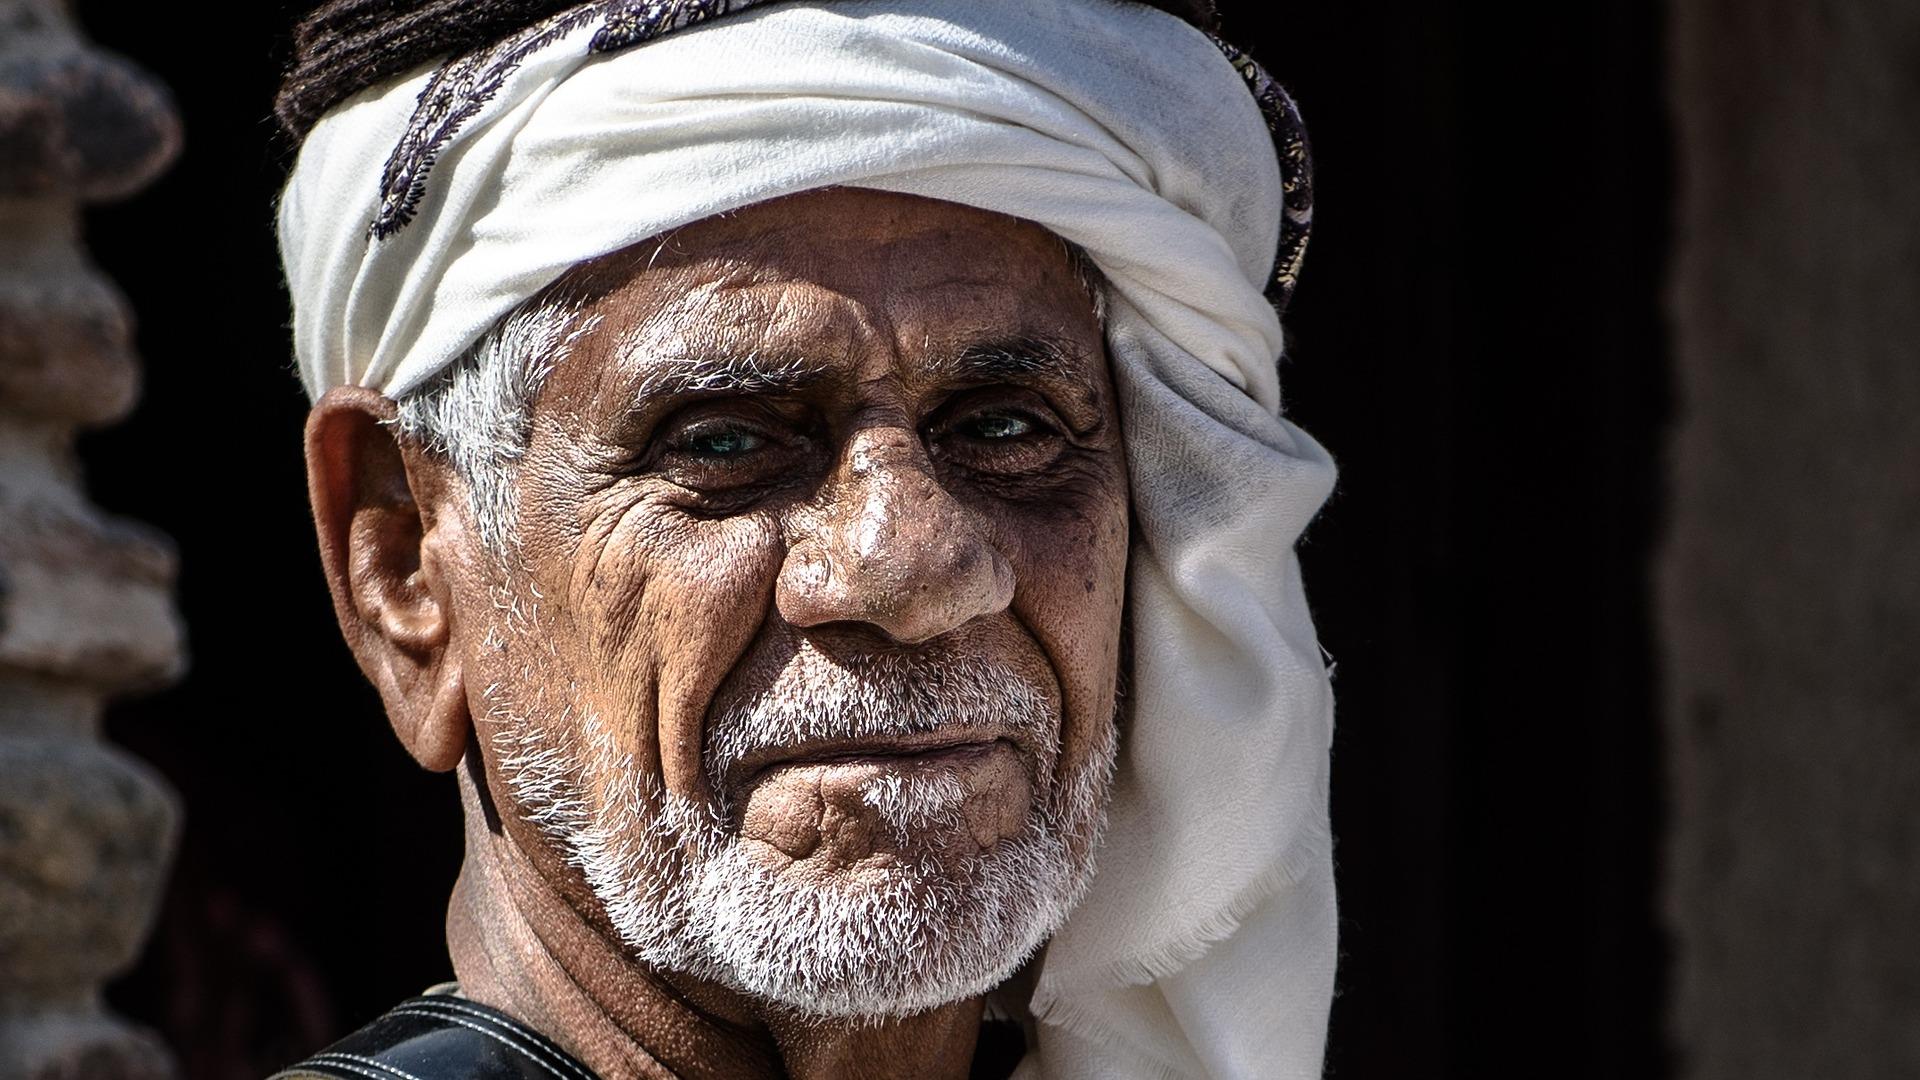 GARANTIR LES DROITS DES MINORITÉS RELIGIEUSES EN TERRE D'ISLAM